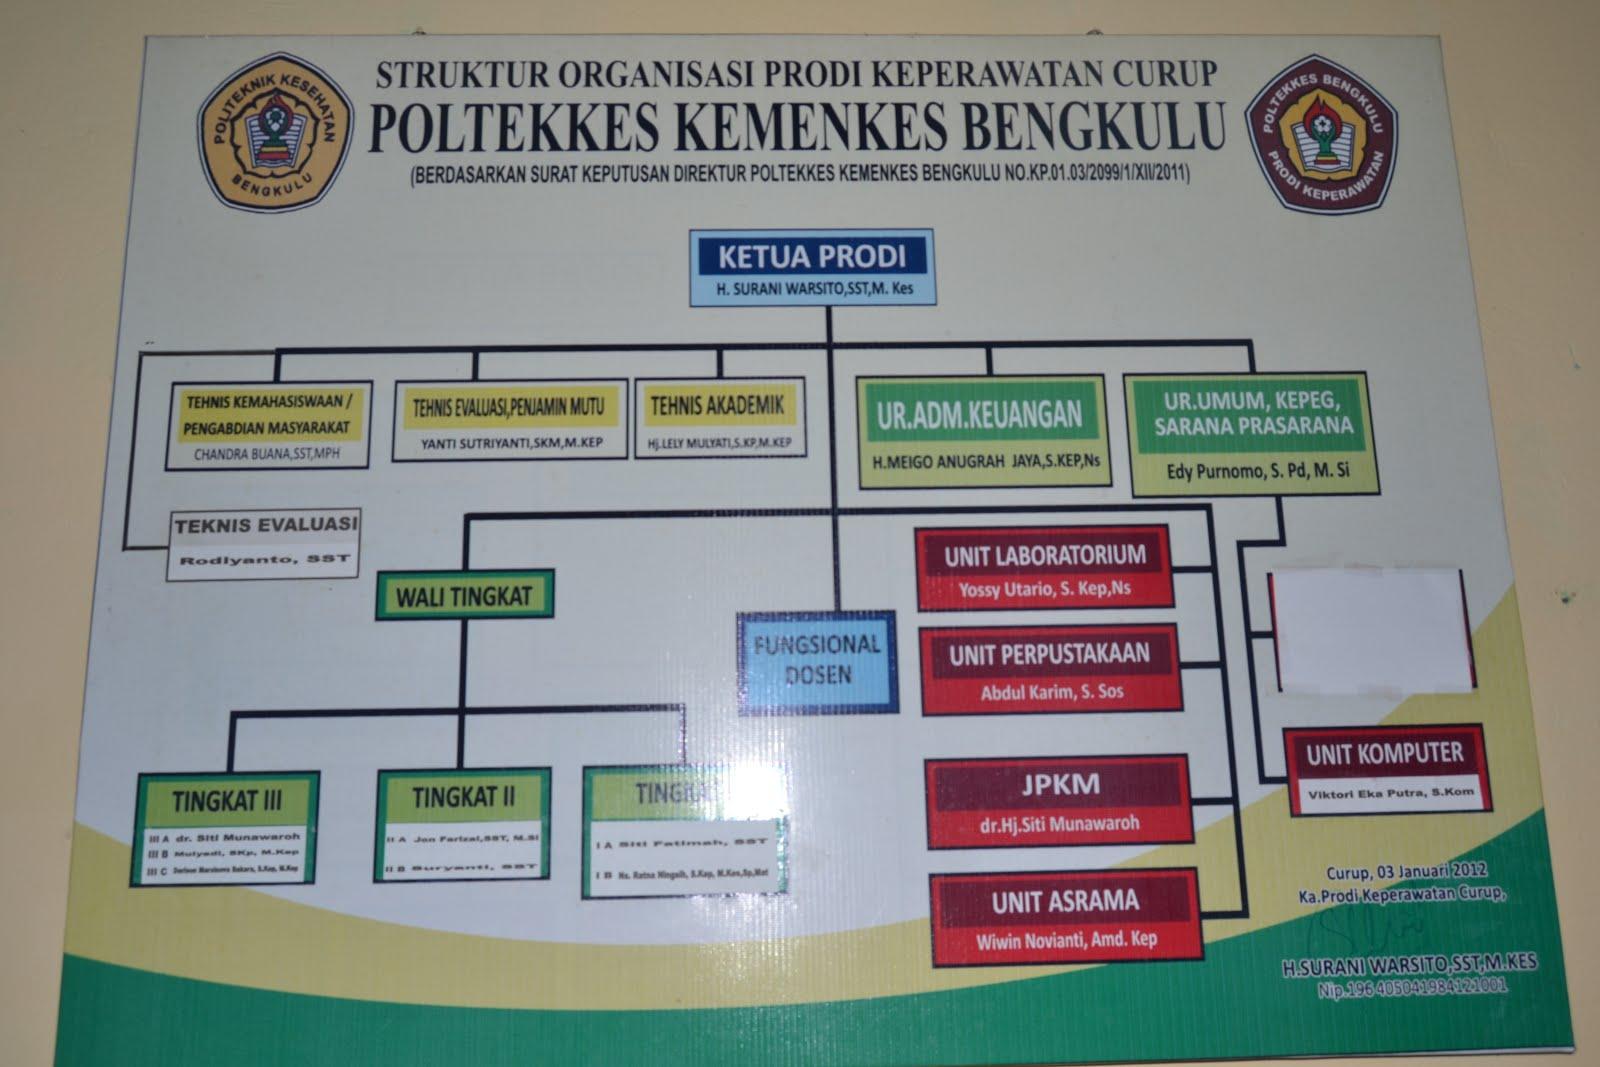 Struktur Organisasi Prodi Keperawatan